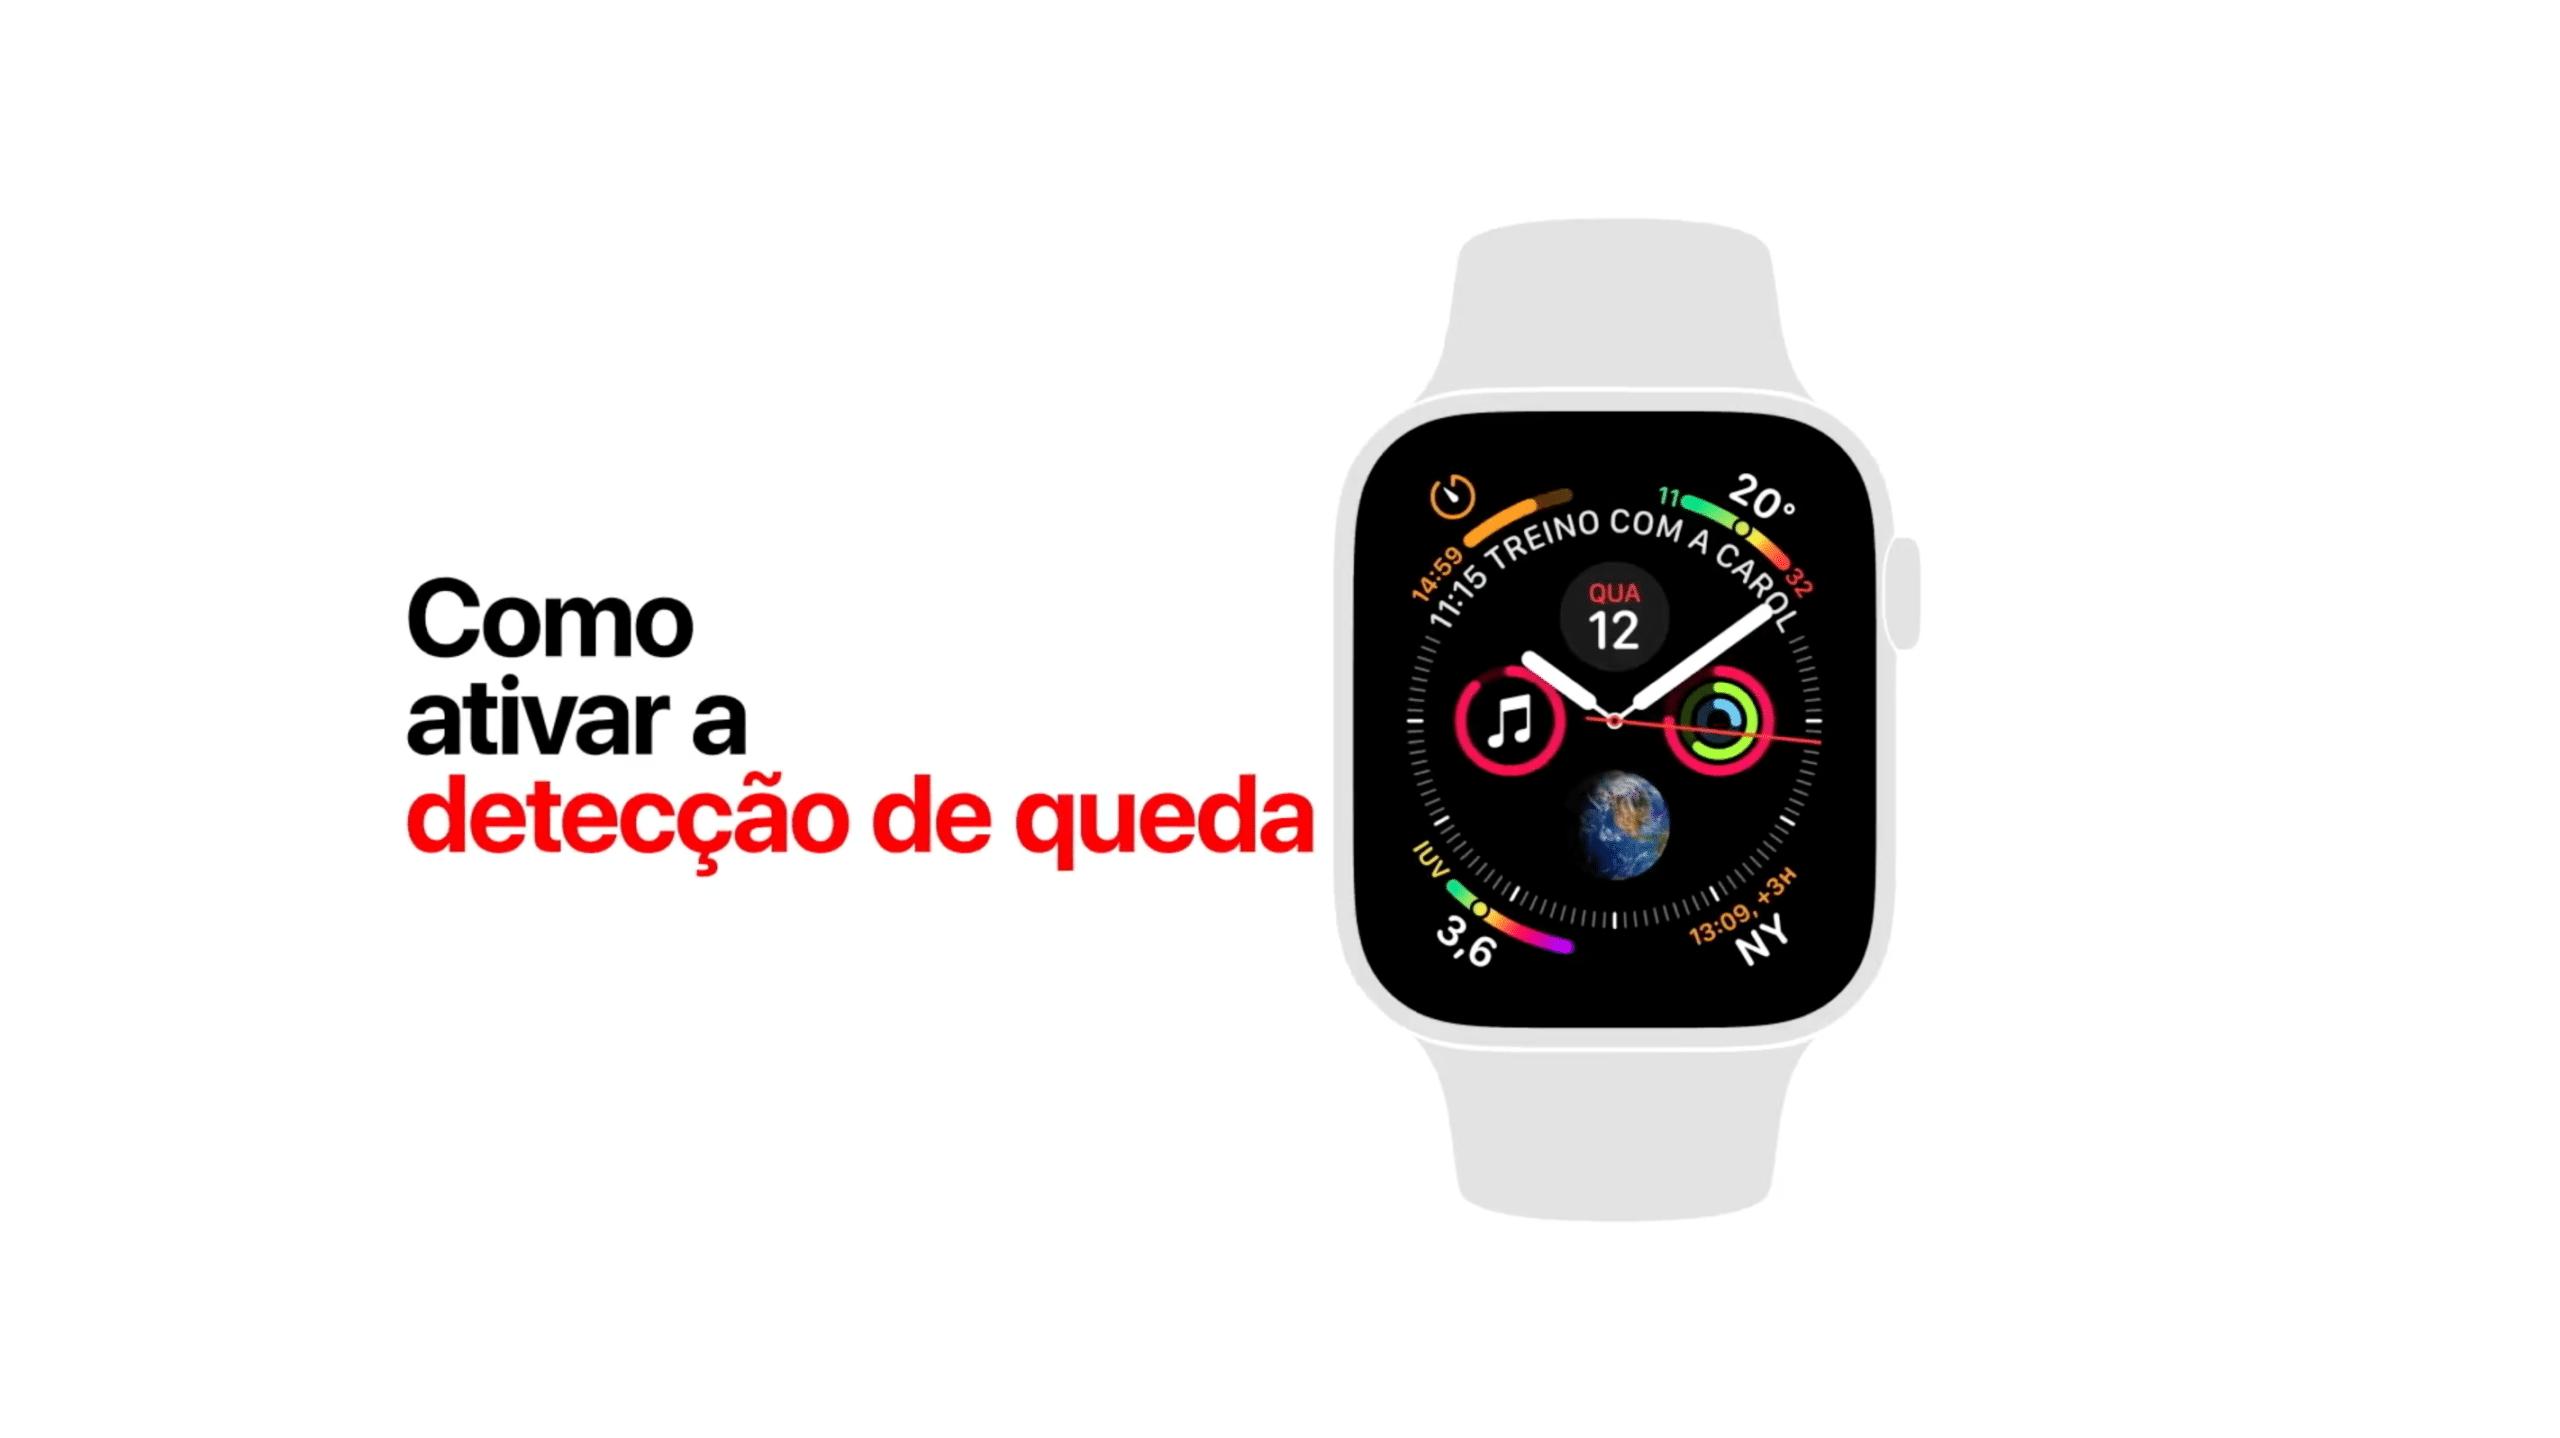 Vídeo de suporte da Apple: como ativar detecção de queda